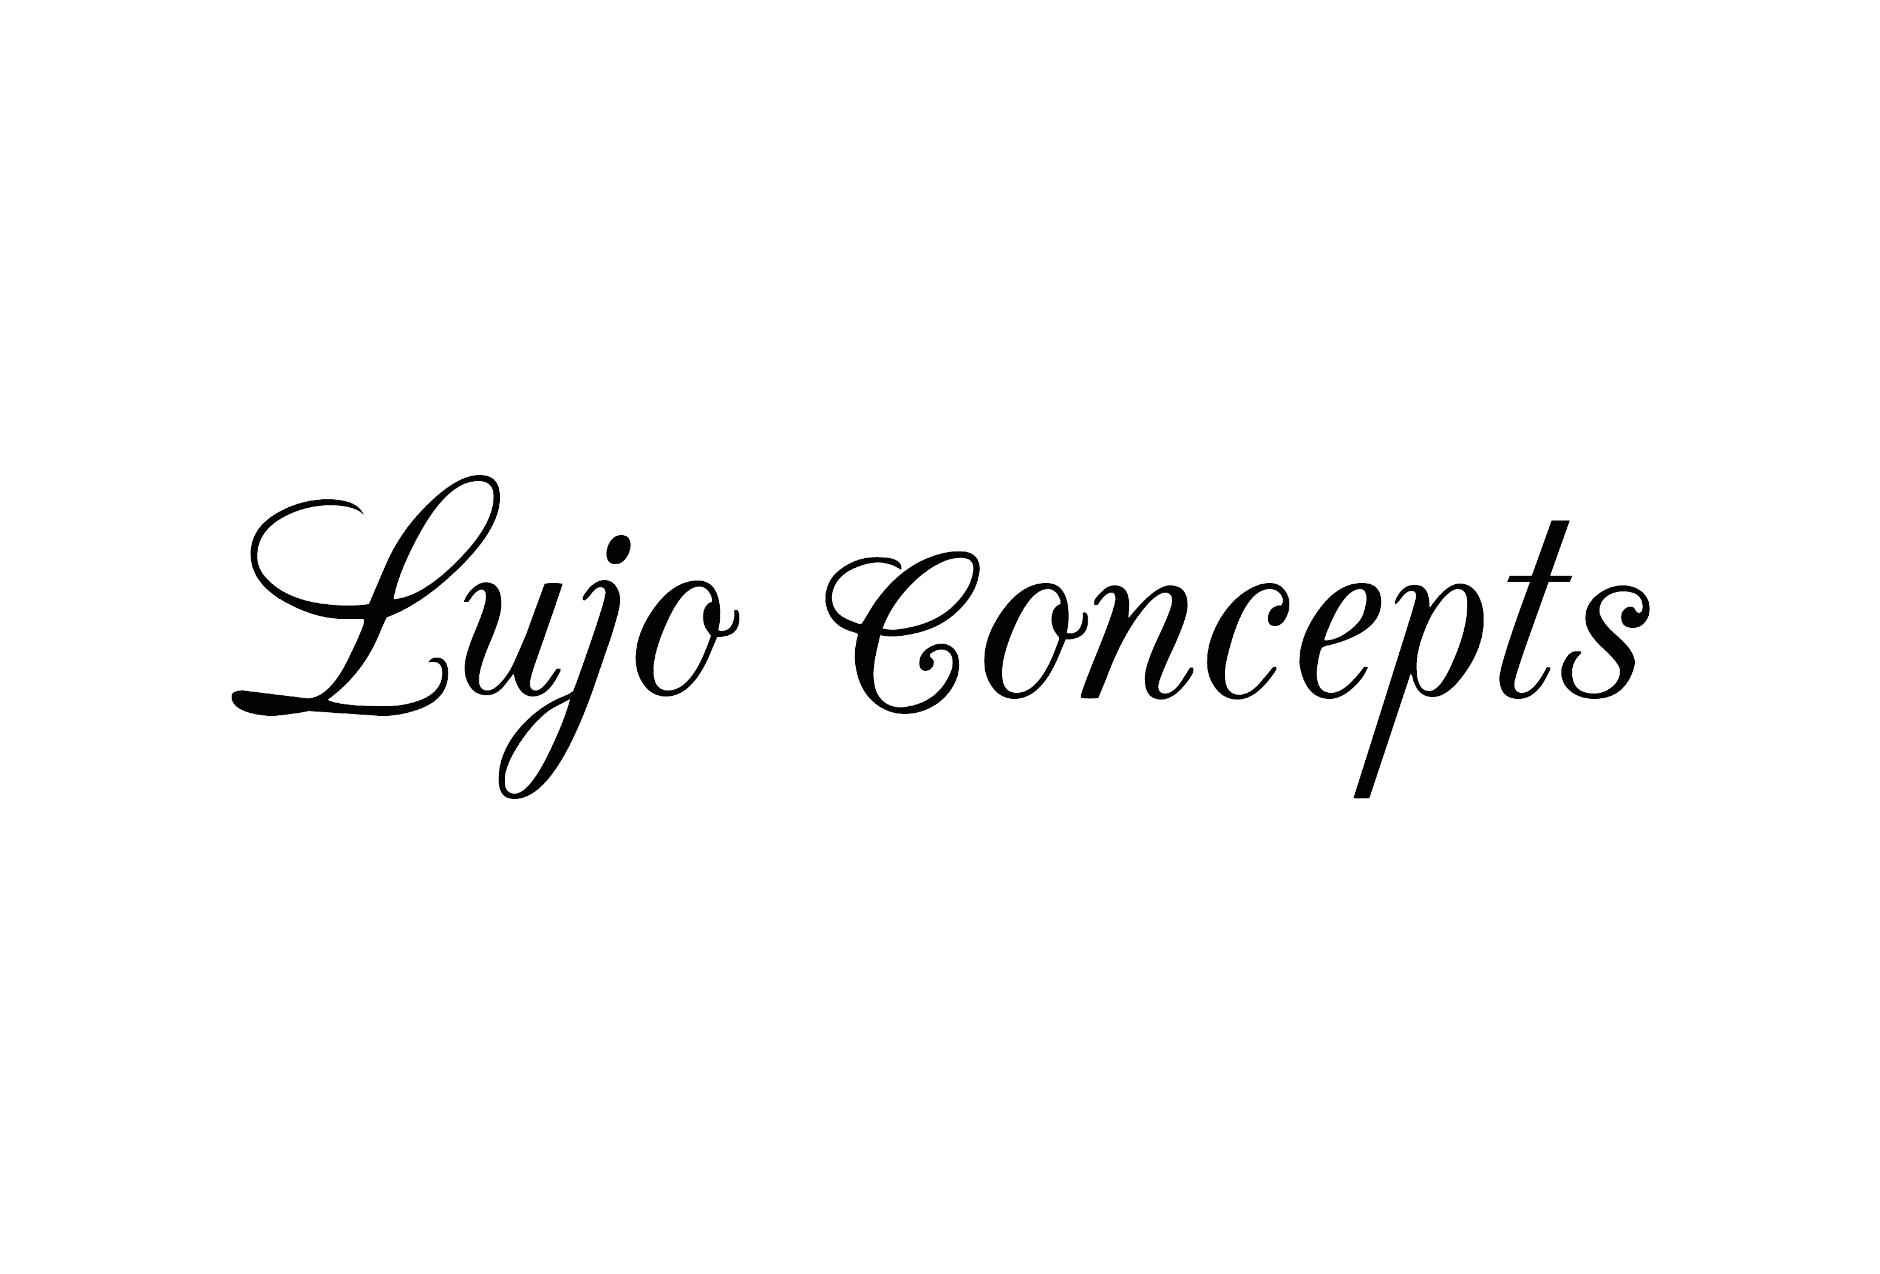 Lujo Concepts Btx